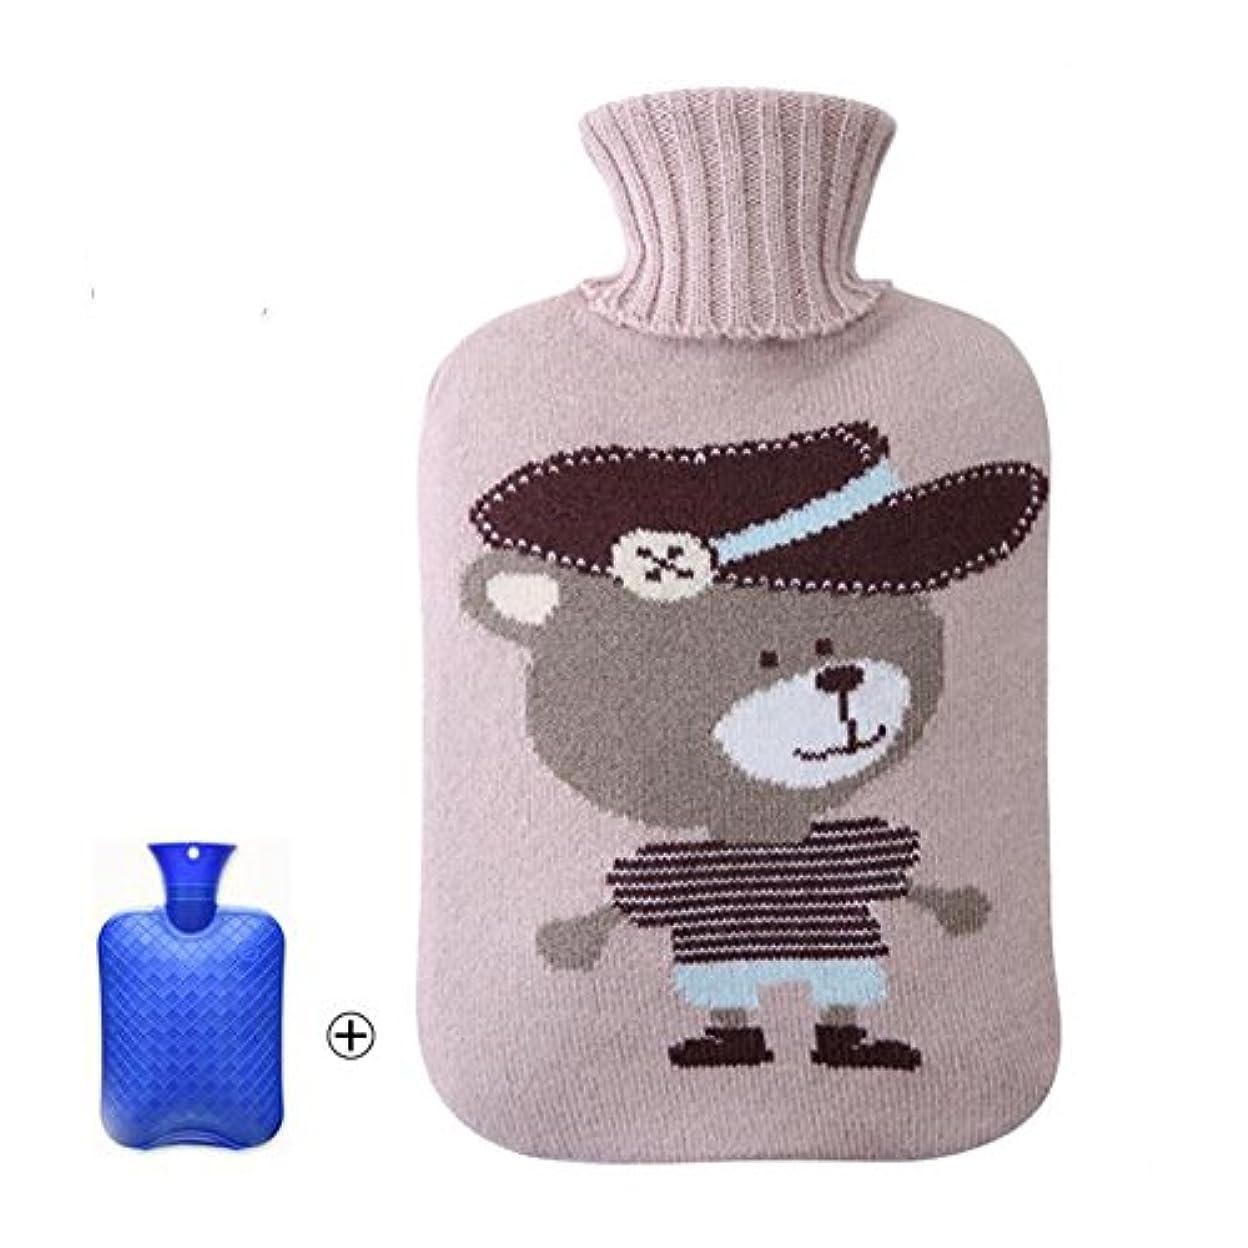 デコラティブ老人情熱的古典的な温水ボトル1リットルのニットカバー